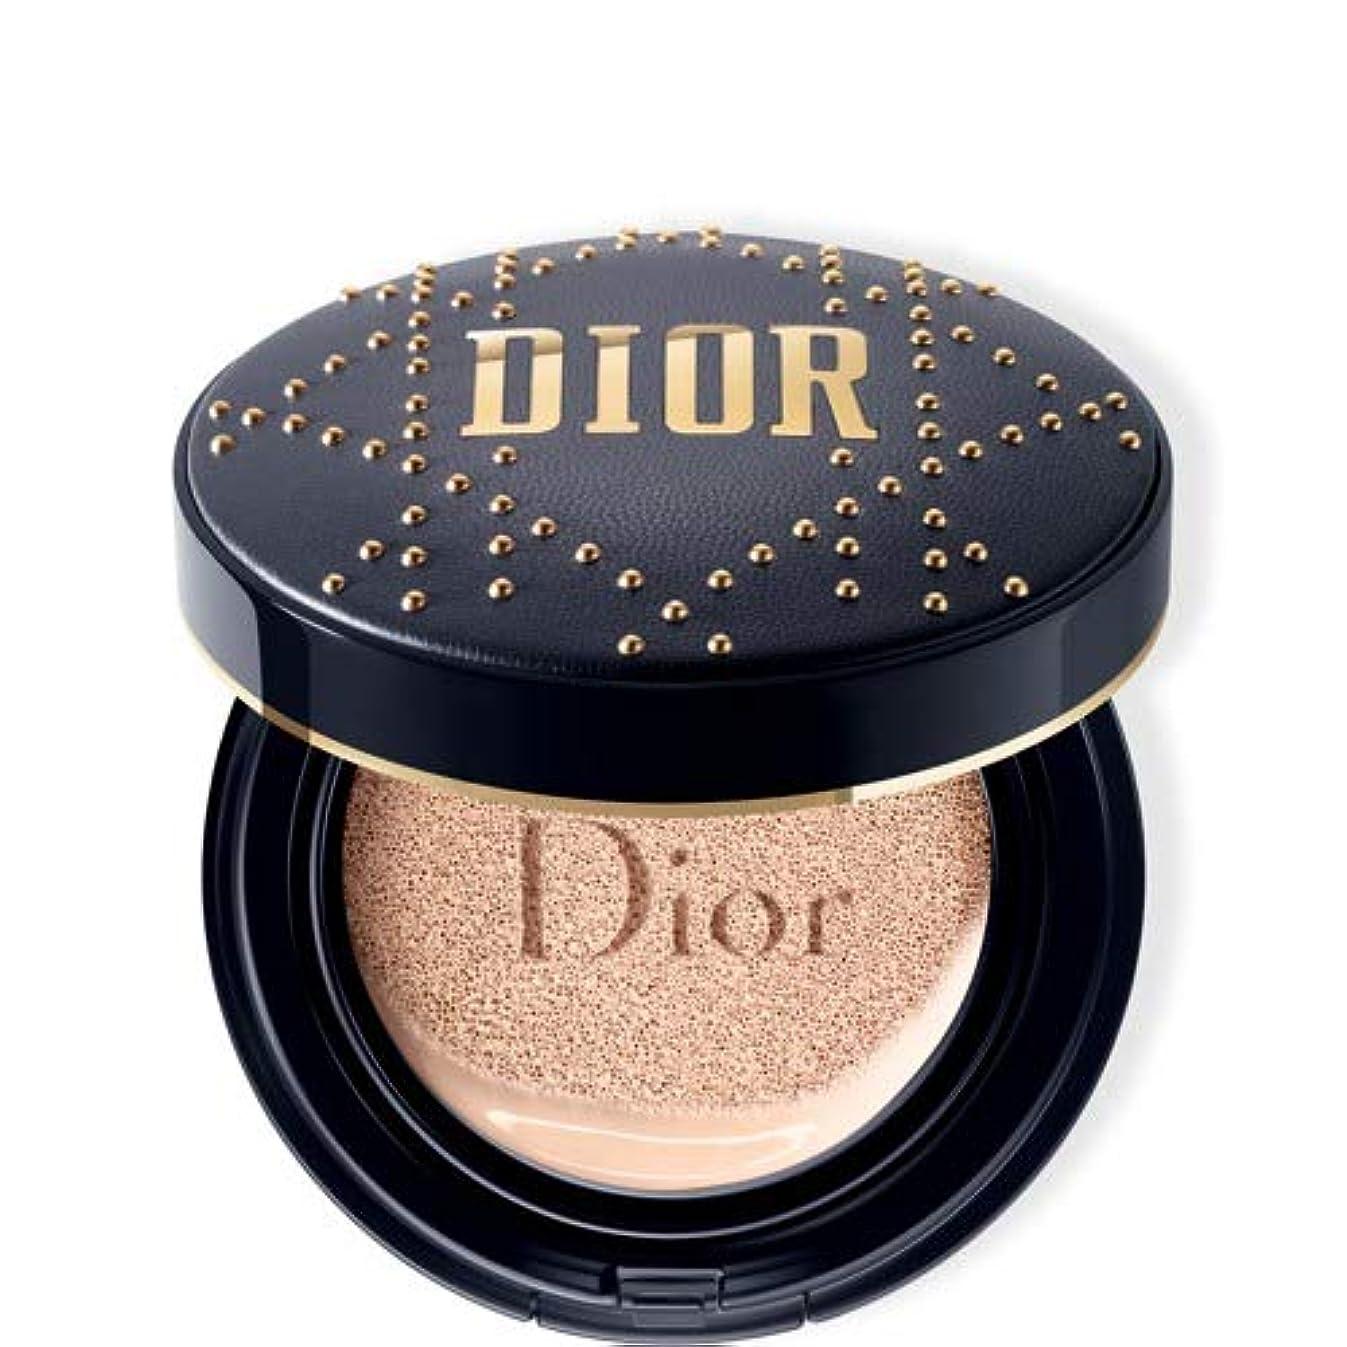 ギャラリー旅行者蒸留Dior ディオールスキン フォーエヴァー クッション - 限定スタッズ カナージュ ケース #030